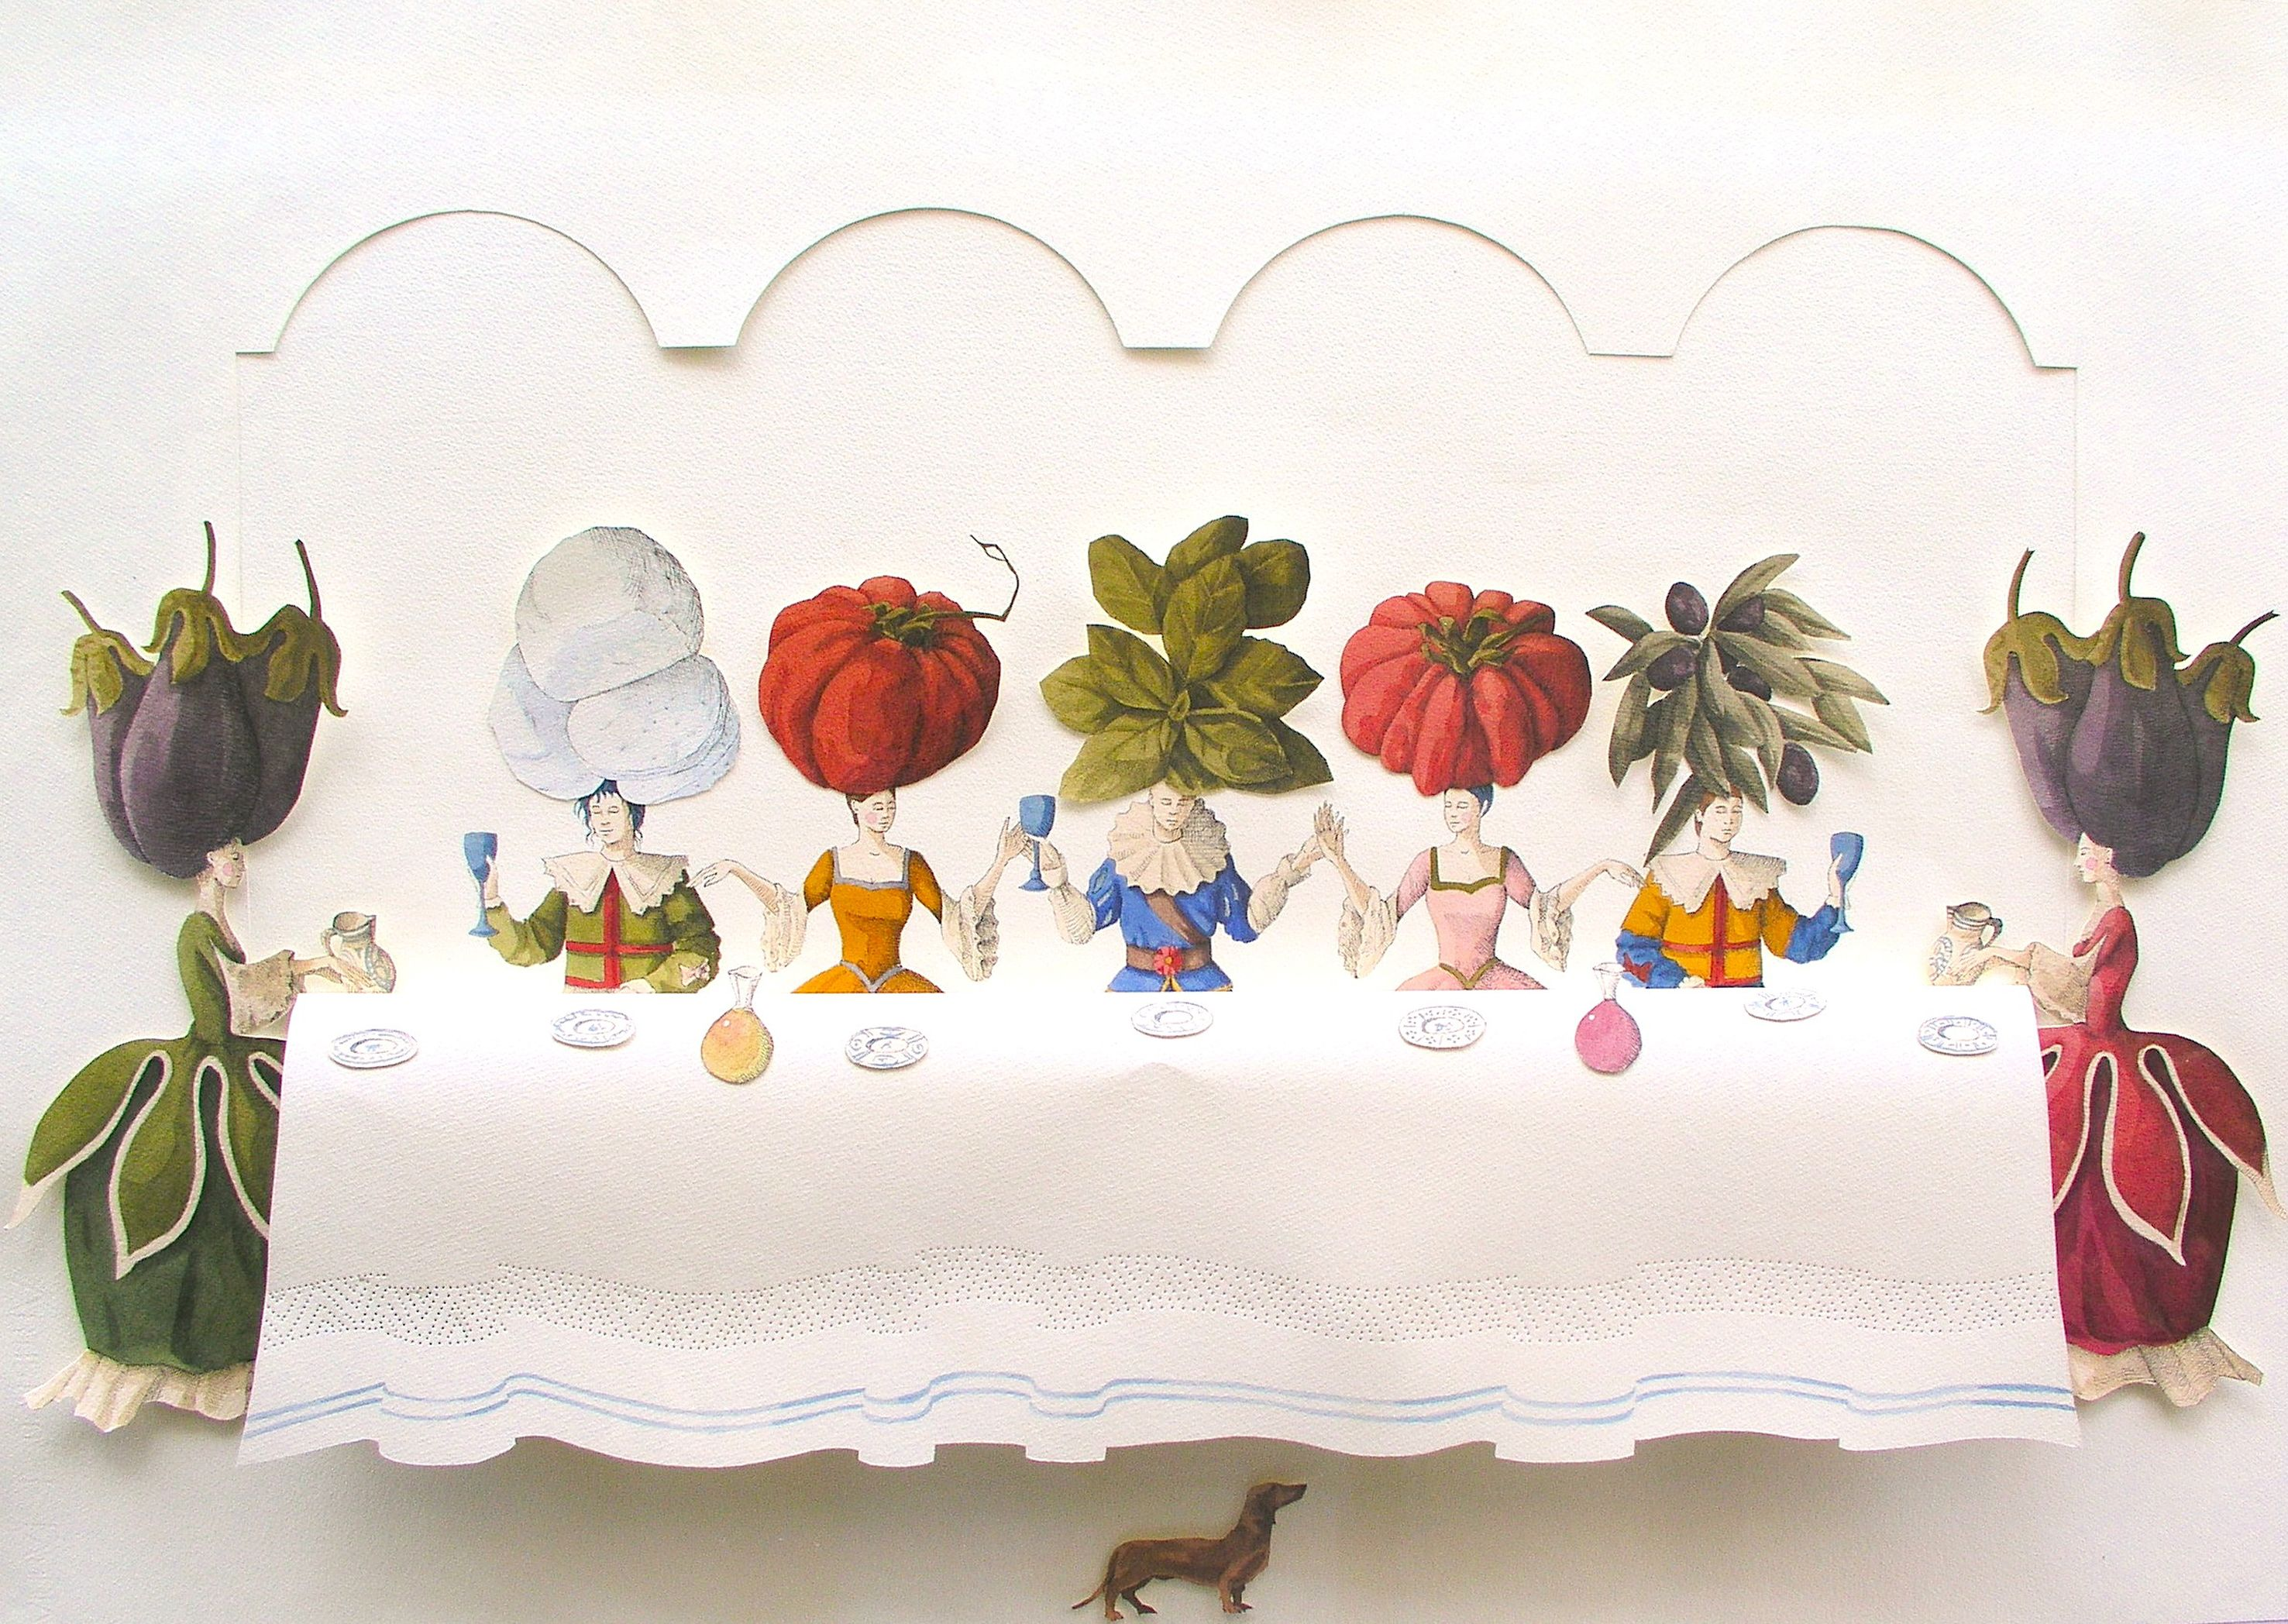 la-felicitc3a0-c3a8-al-piano-di-sopra2014acquerello-e-china-su-cartacm70x100naturalismo-di-parmigiana.jpeg (2953×2096)